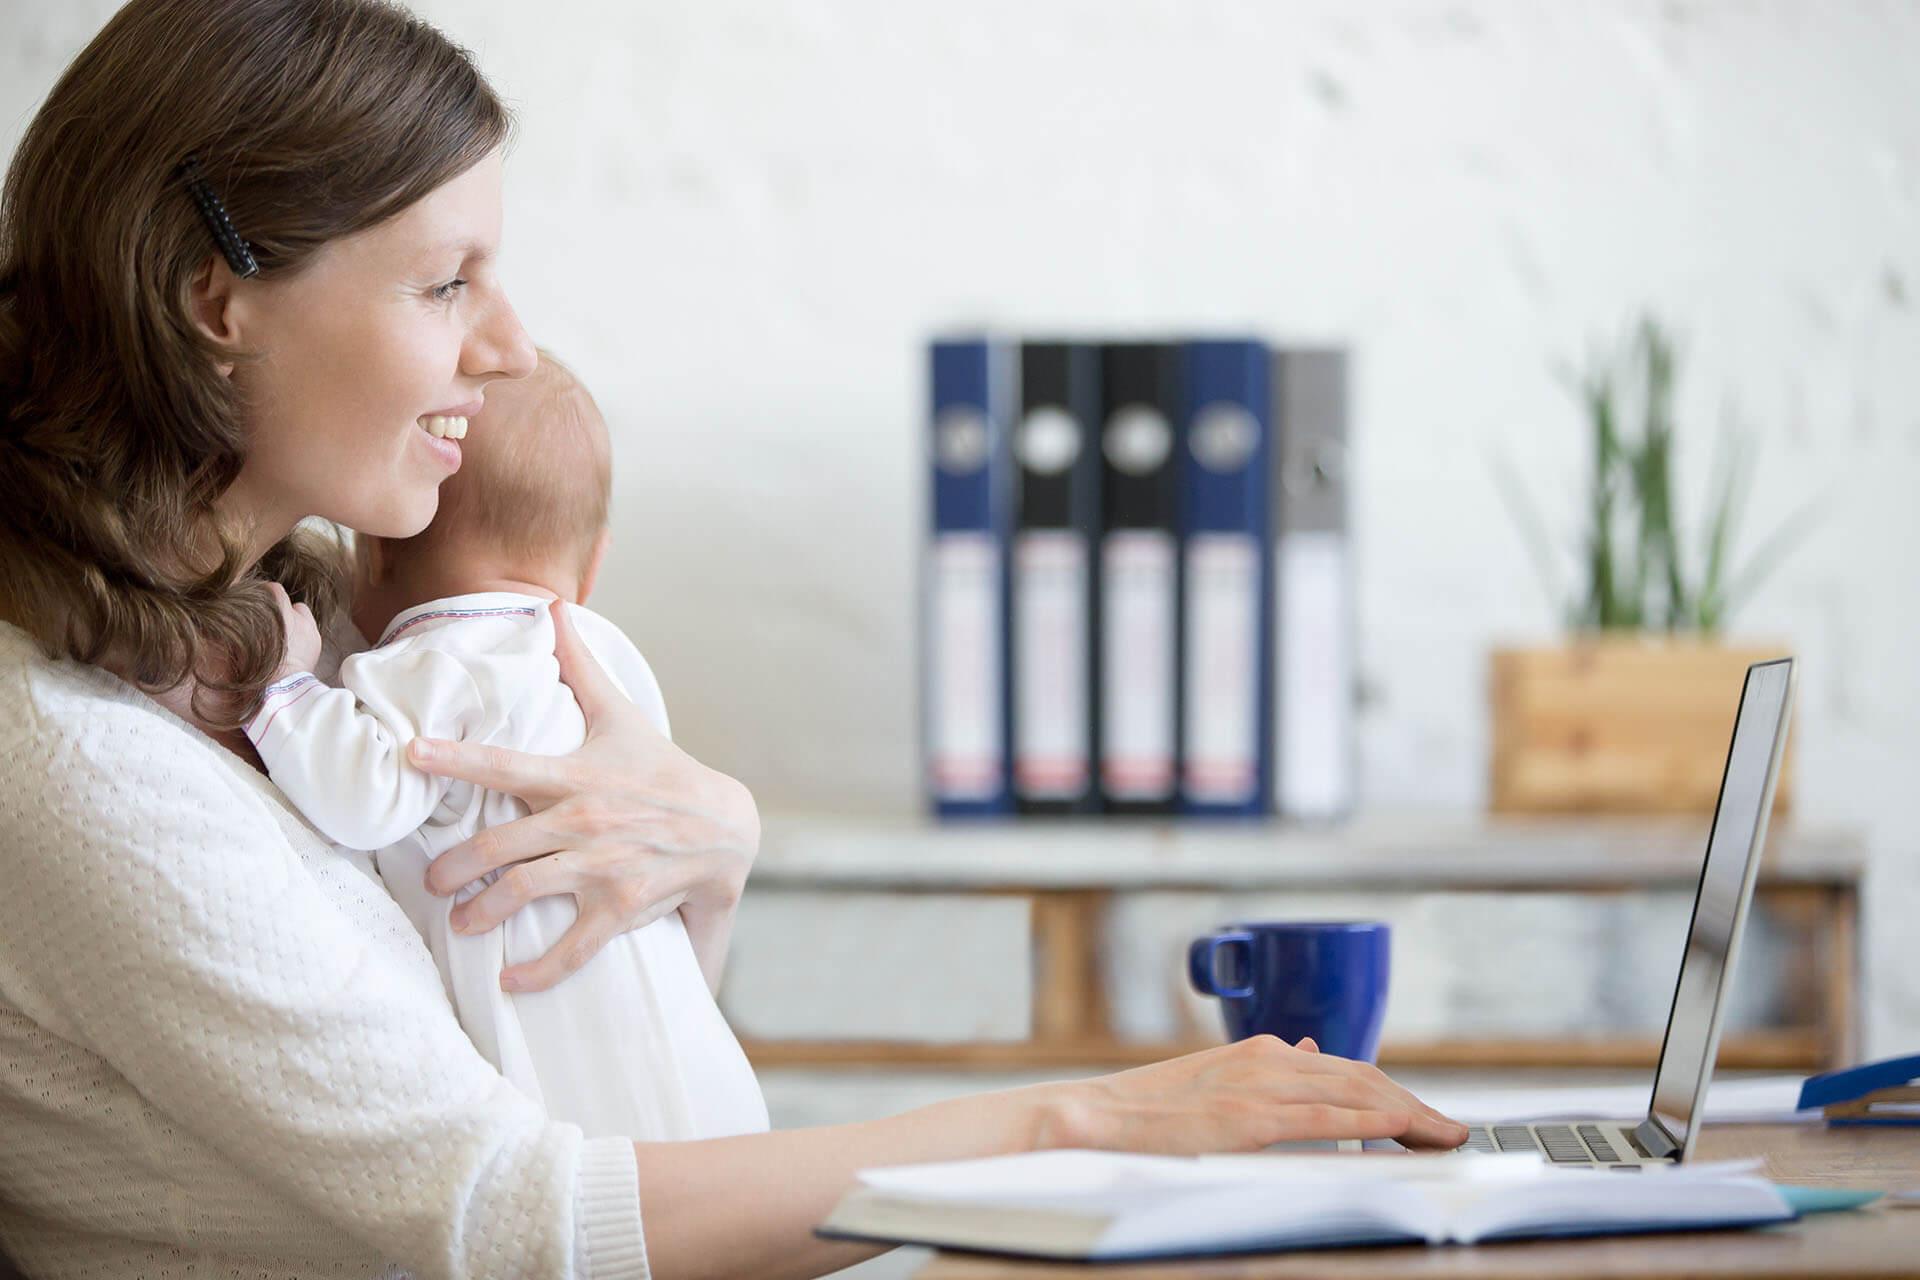 В России вступает в силу закон о начислении выплат на детей без справок